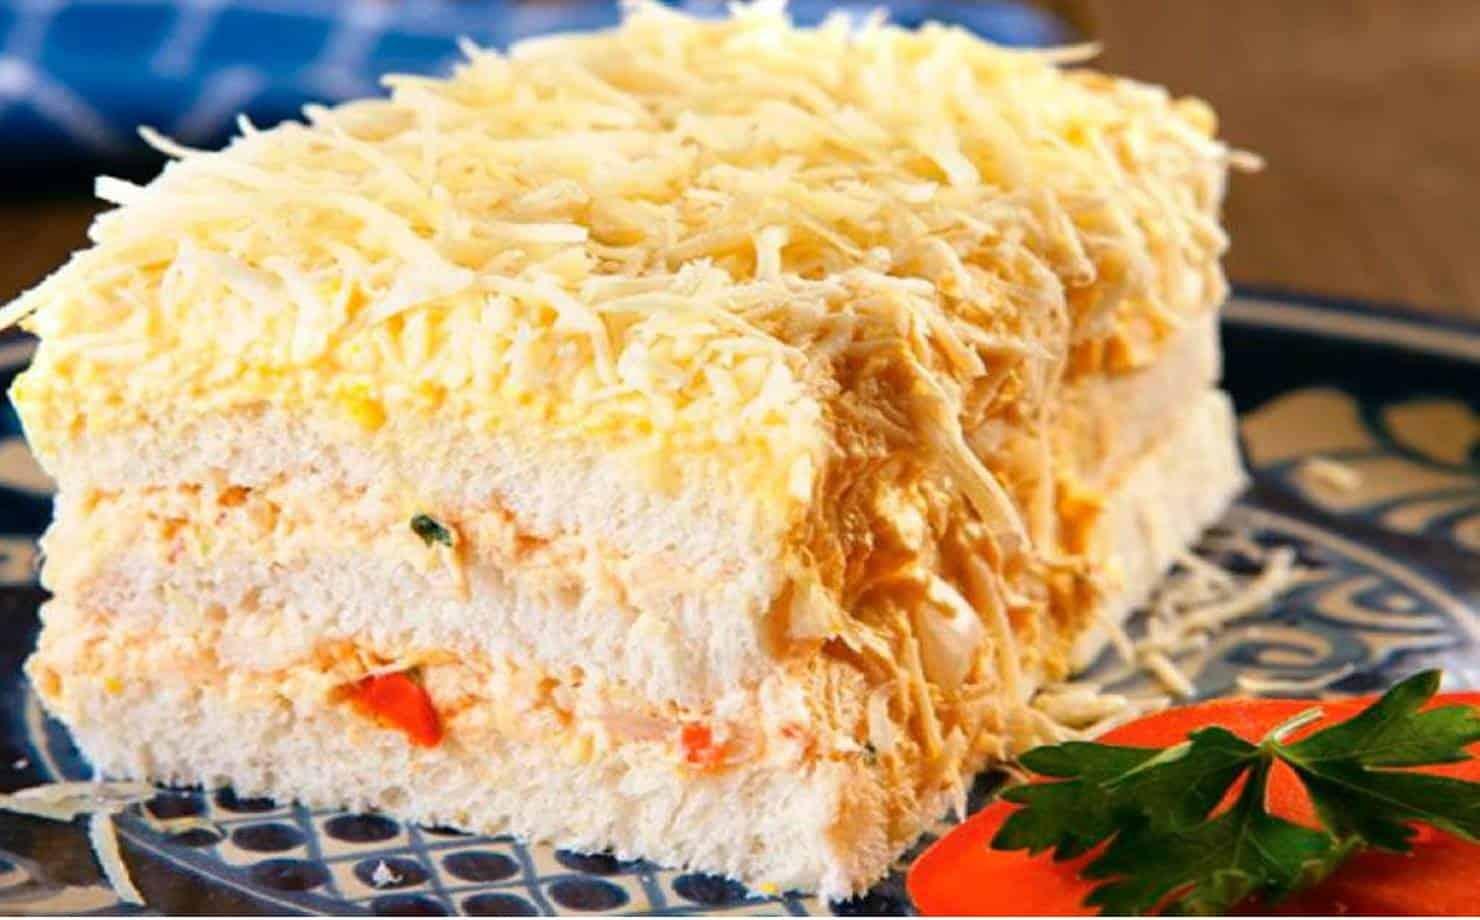 Pedaço de Sanduíche de Pão de Forma no Prato